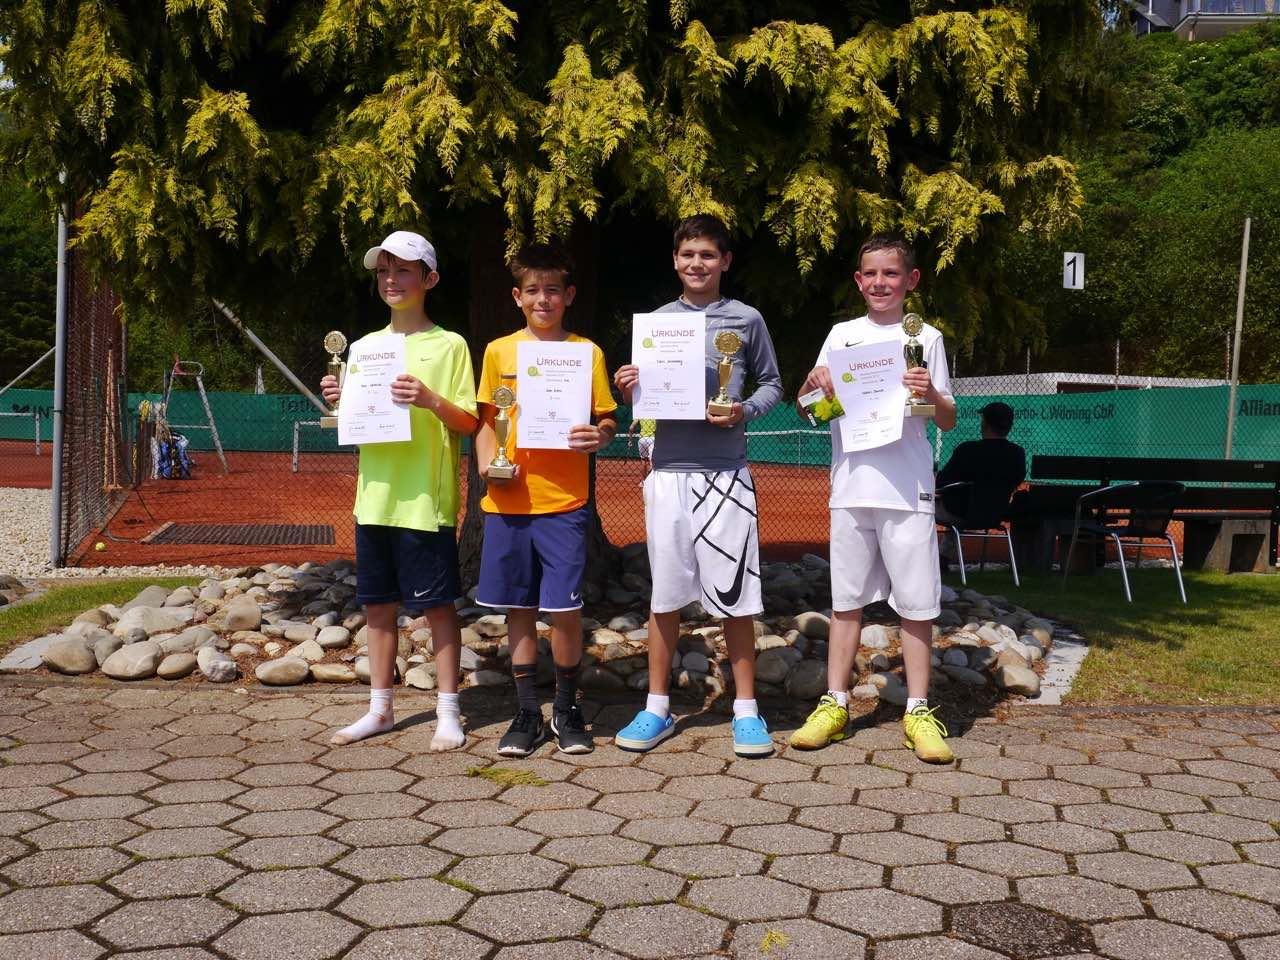 Niklas Baucke des UTHC zum 4. Mal für die Hessenmeisterschaft qualifiziert